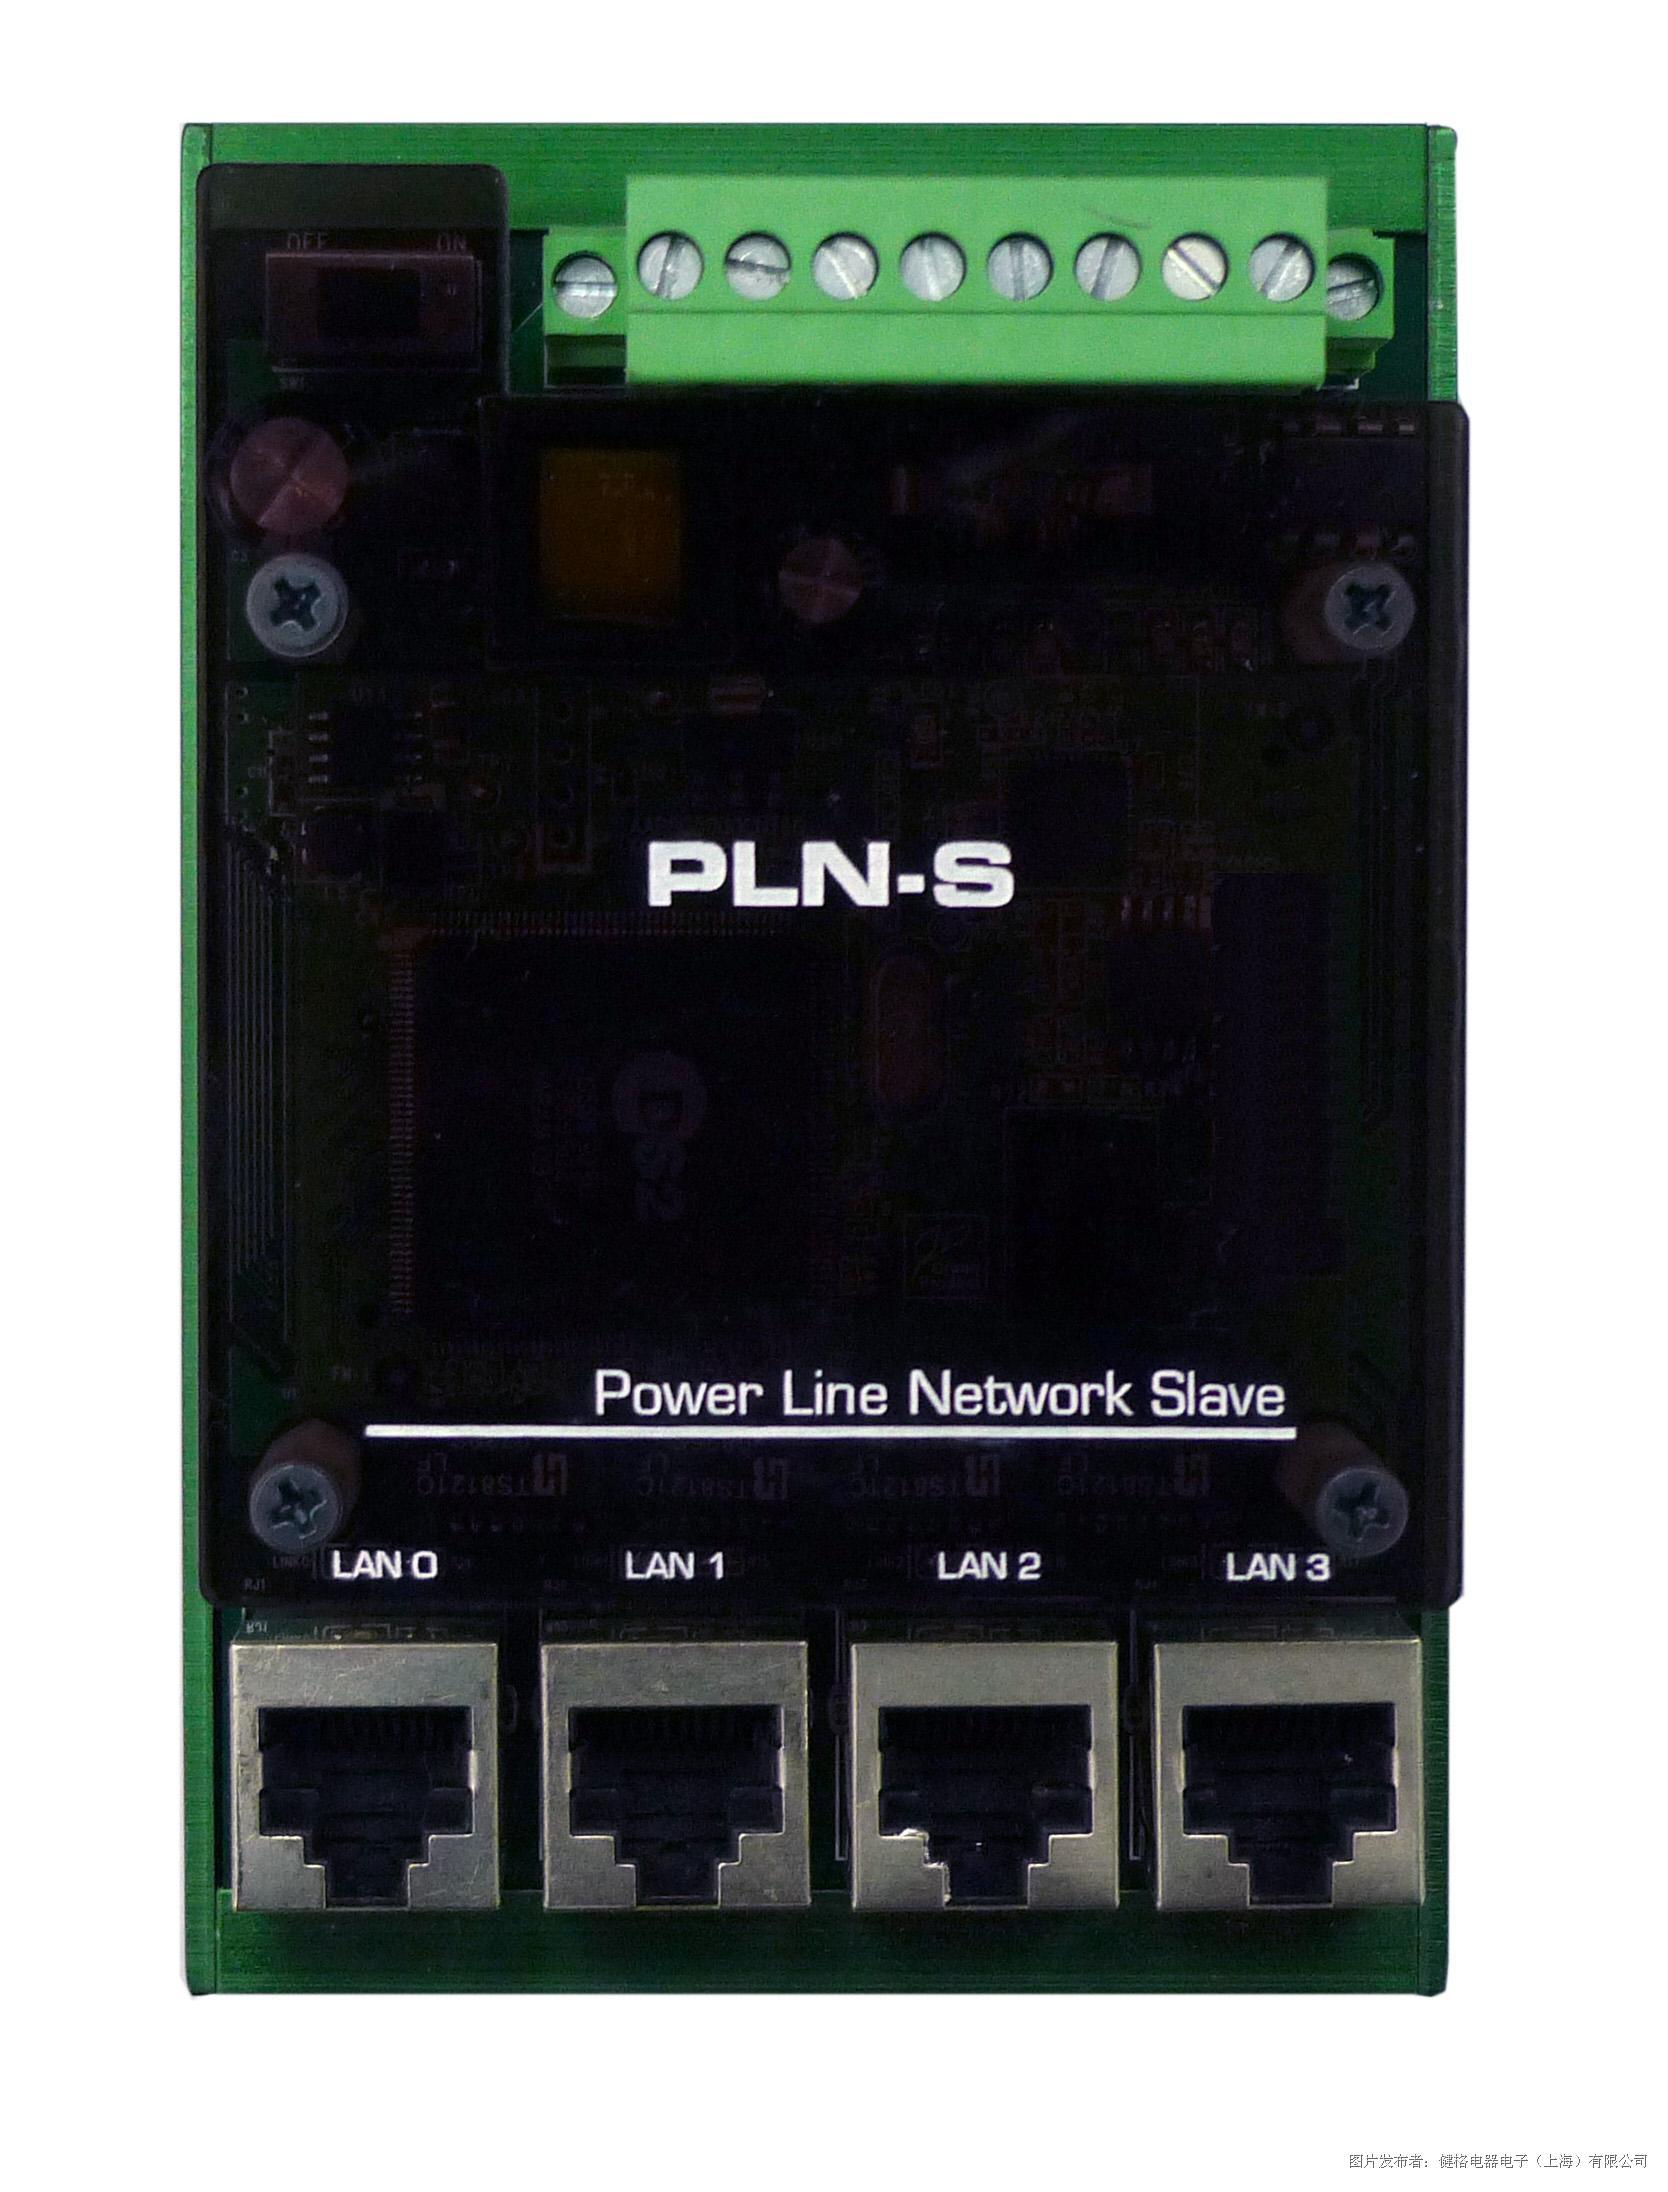 健格科技 PLN-S 电力网络桥接器 末端